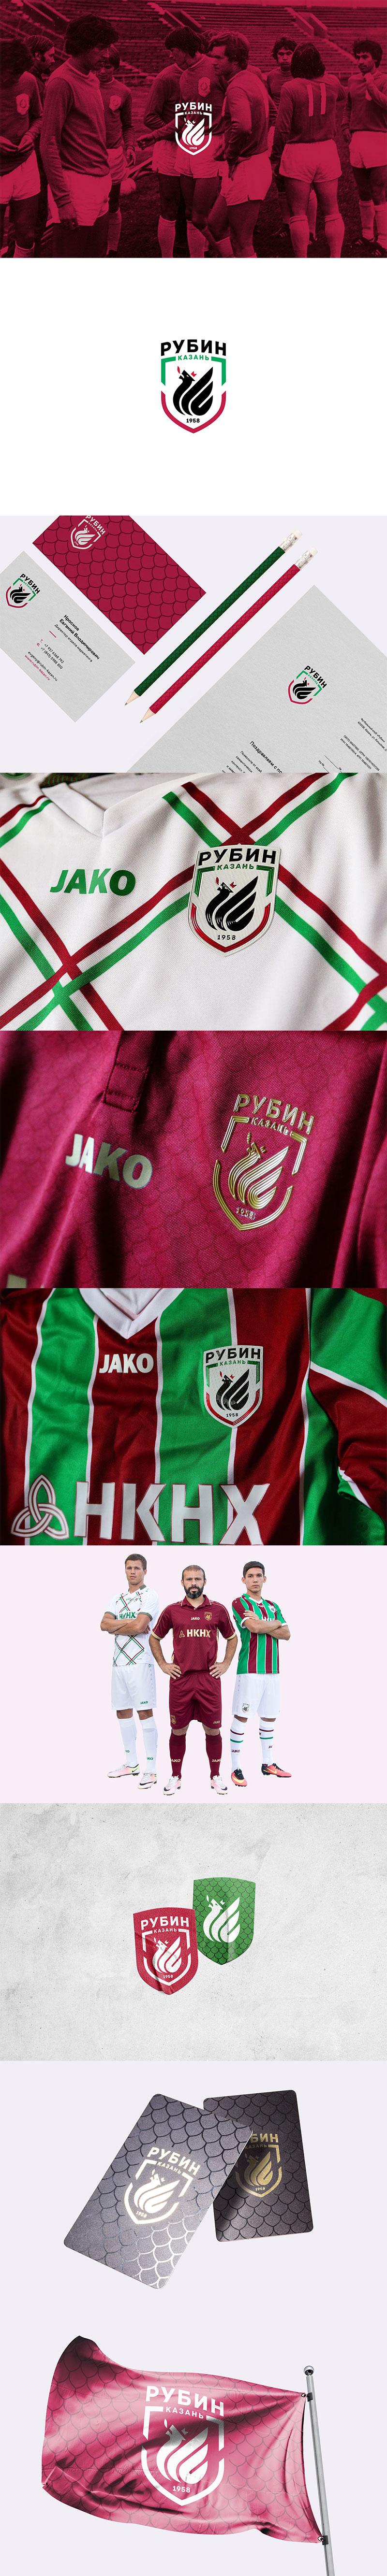 Diseños de la marca del club de fútbol: Rubin Kazan por Artem Ermolaev